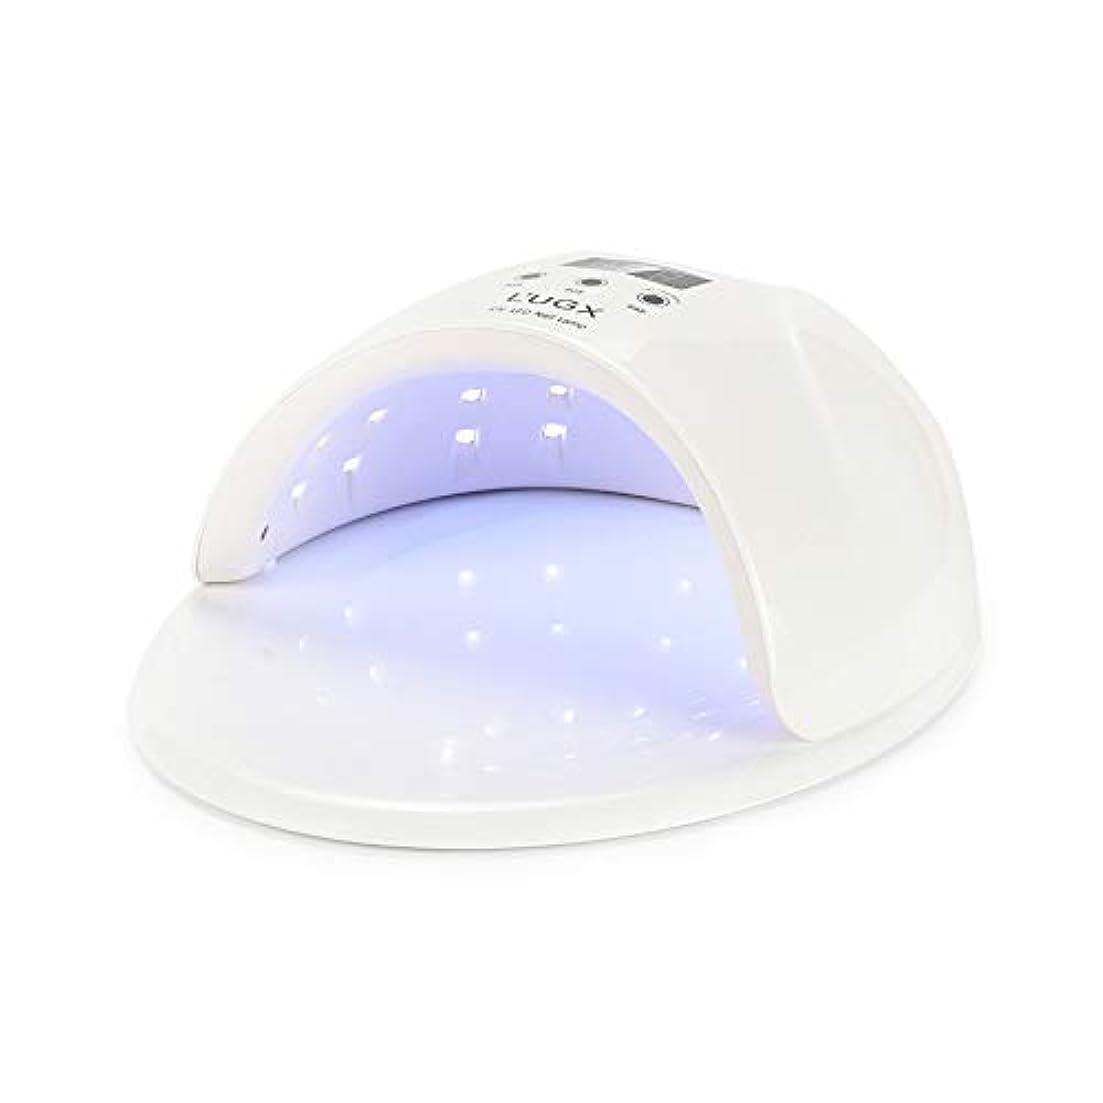 自発的クライアント五ジェルネイルランプ、3タイマー設定付き50W UV LEDジェルネイルドライヤー - ジェルネイルポリッシュランプ